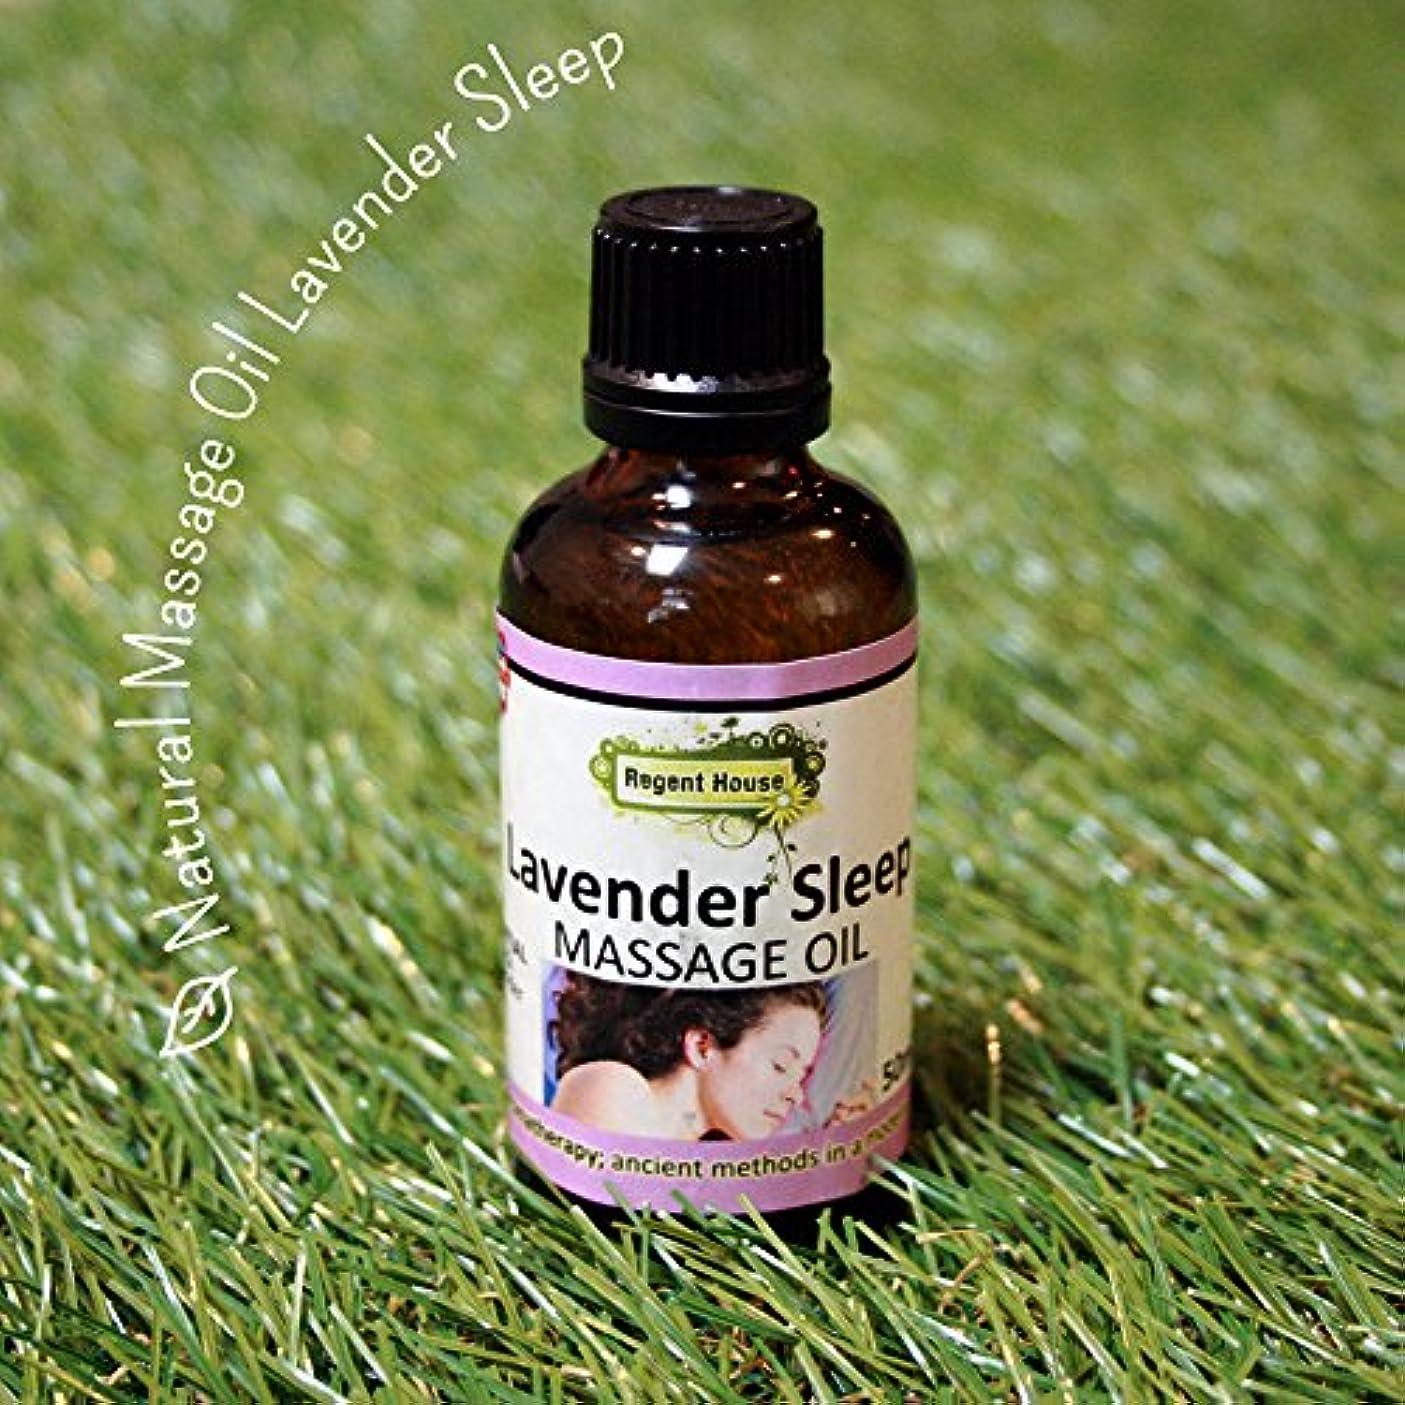 性格破壊するひまわりフランス産のオーガニックラベンダーのみの、贅沢オイル。 アロマ ナチュラル マッサージオイル 50ml ラベンダースリープ(Aroma Massage Oil Lavender Sleep)